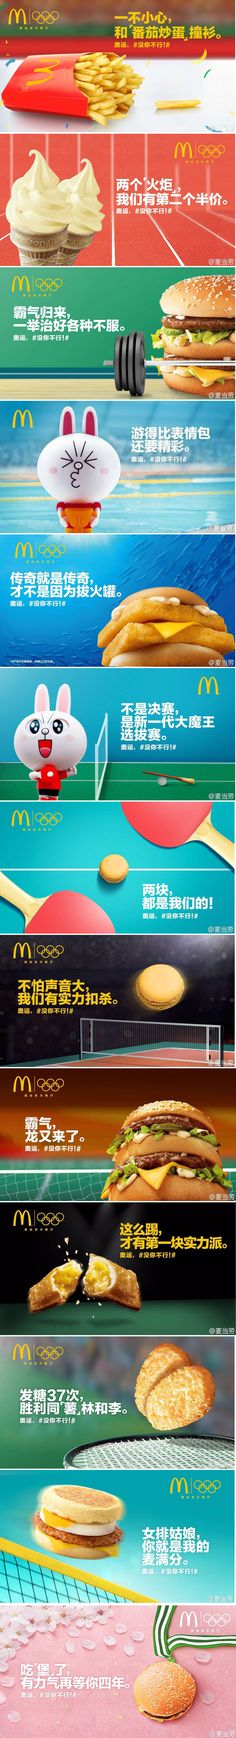 2016中國 #麥當勞《 #奧運,沒你不行》 #文案